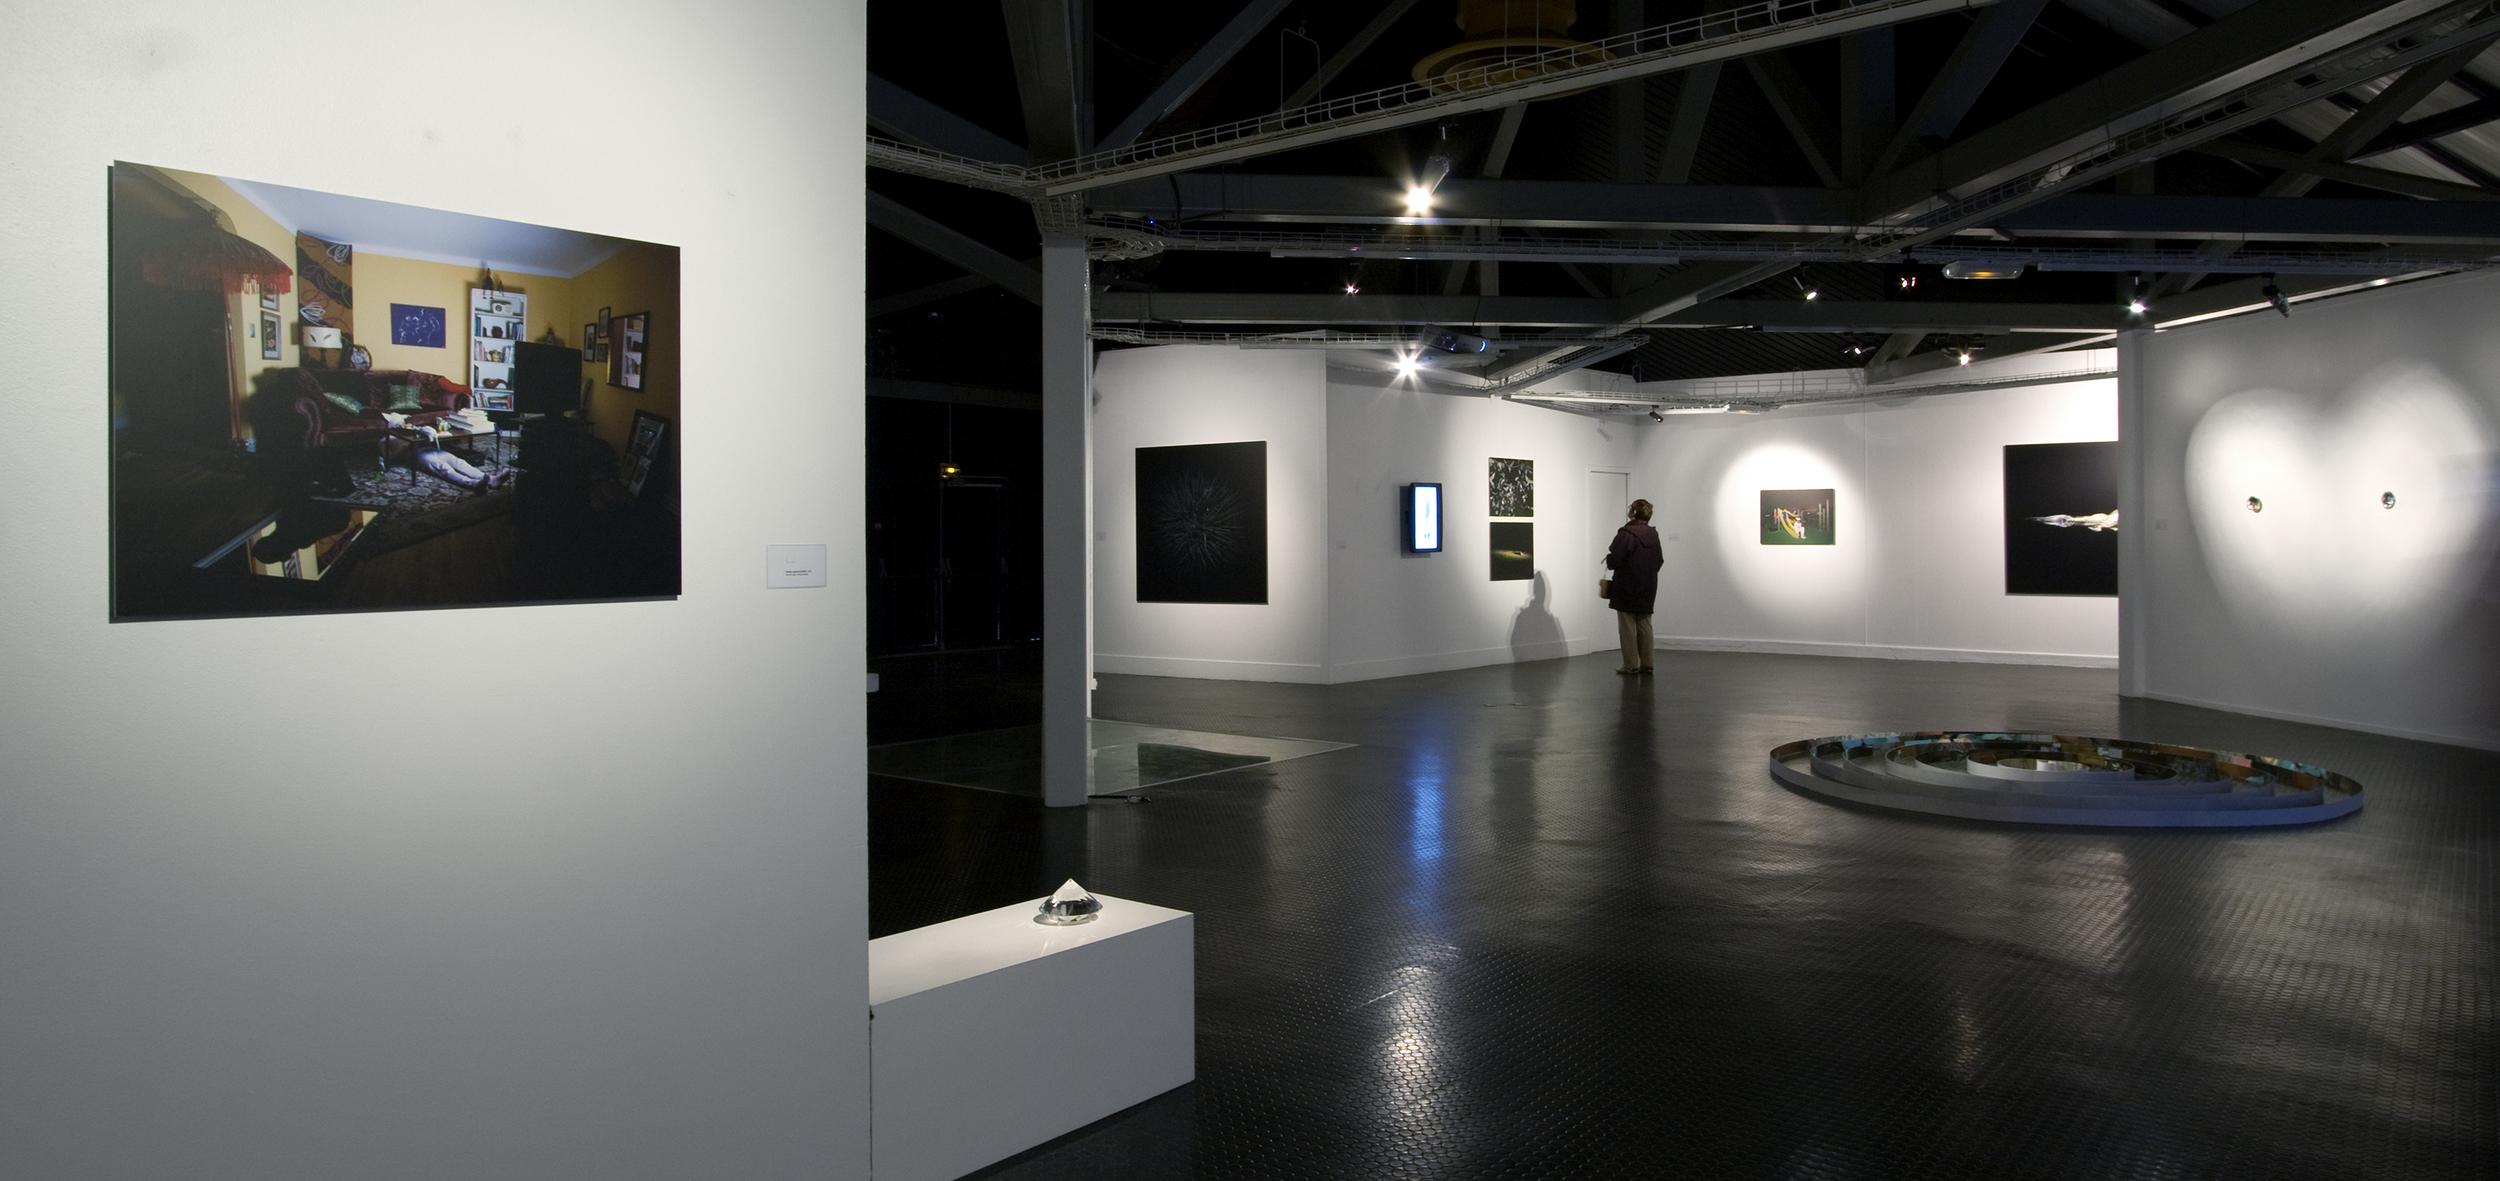 Truc-Anh_2010_Galerie-Le-Lieu_Pan-Peter_11